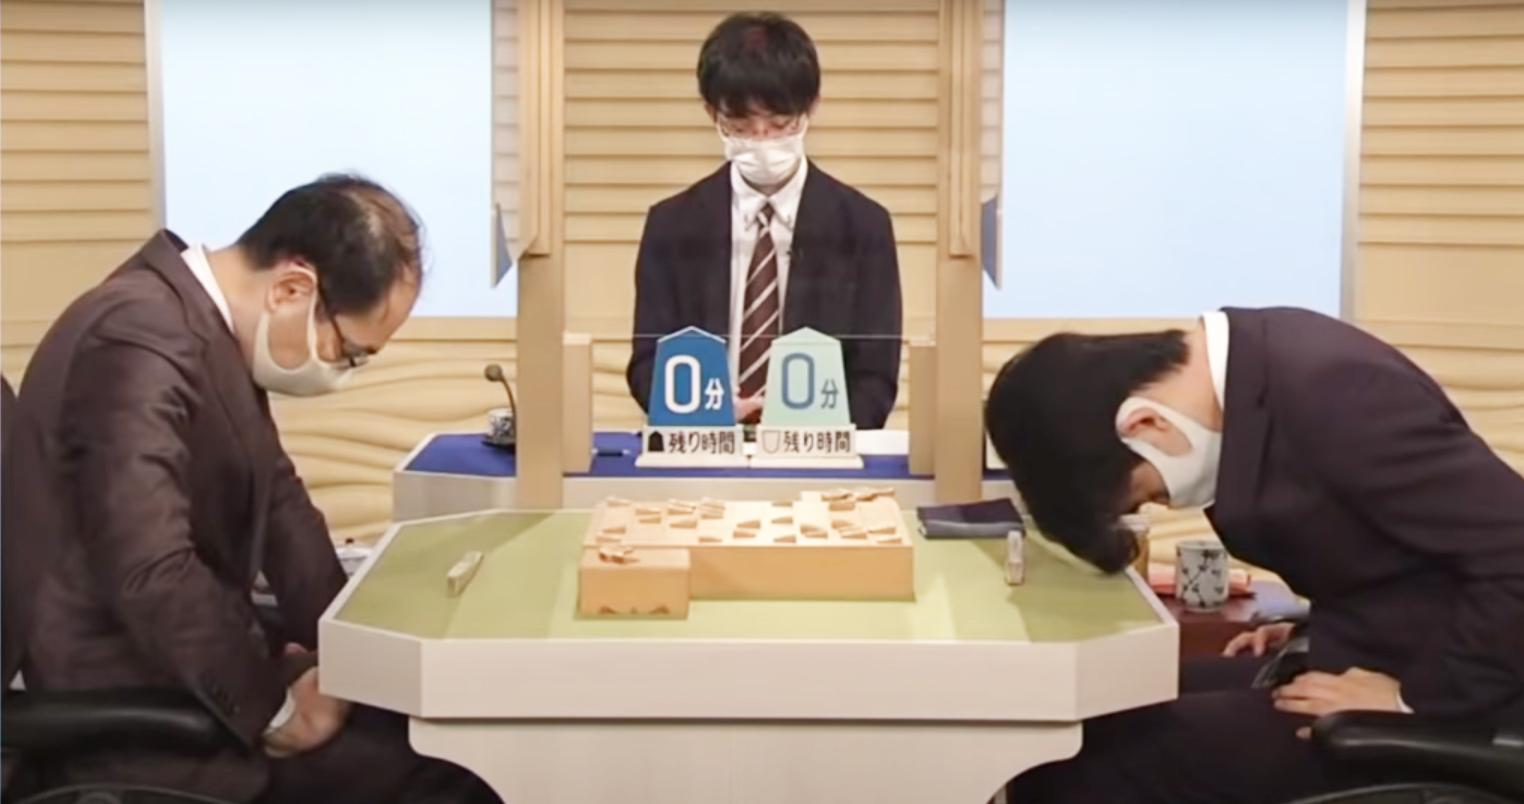 第70回将棋NHK杯トーナメント2回戦で投了した藤井聡太二冠